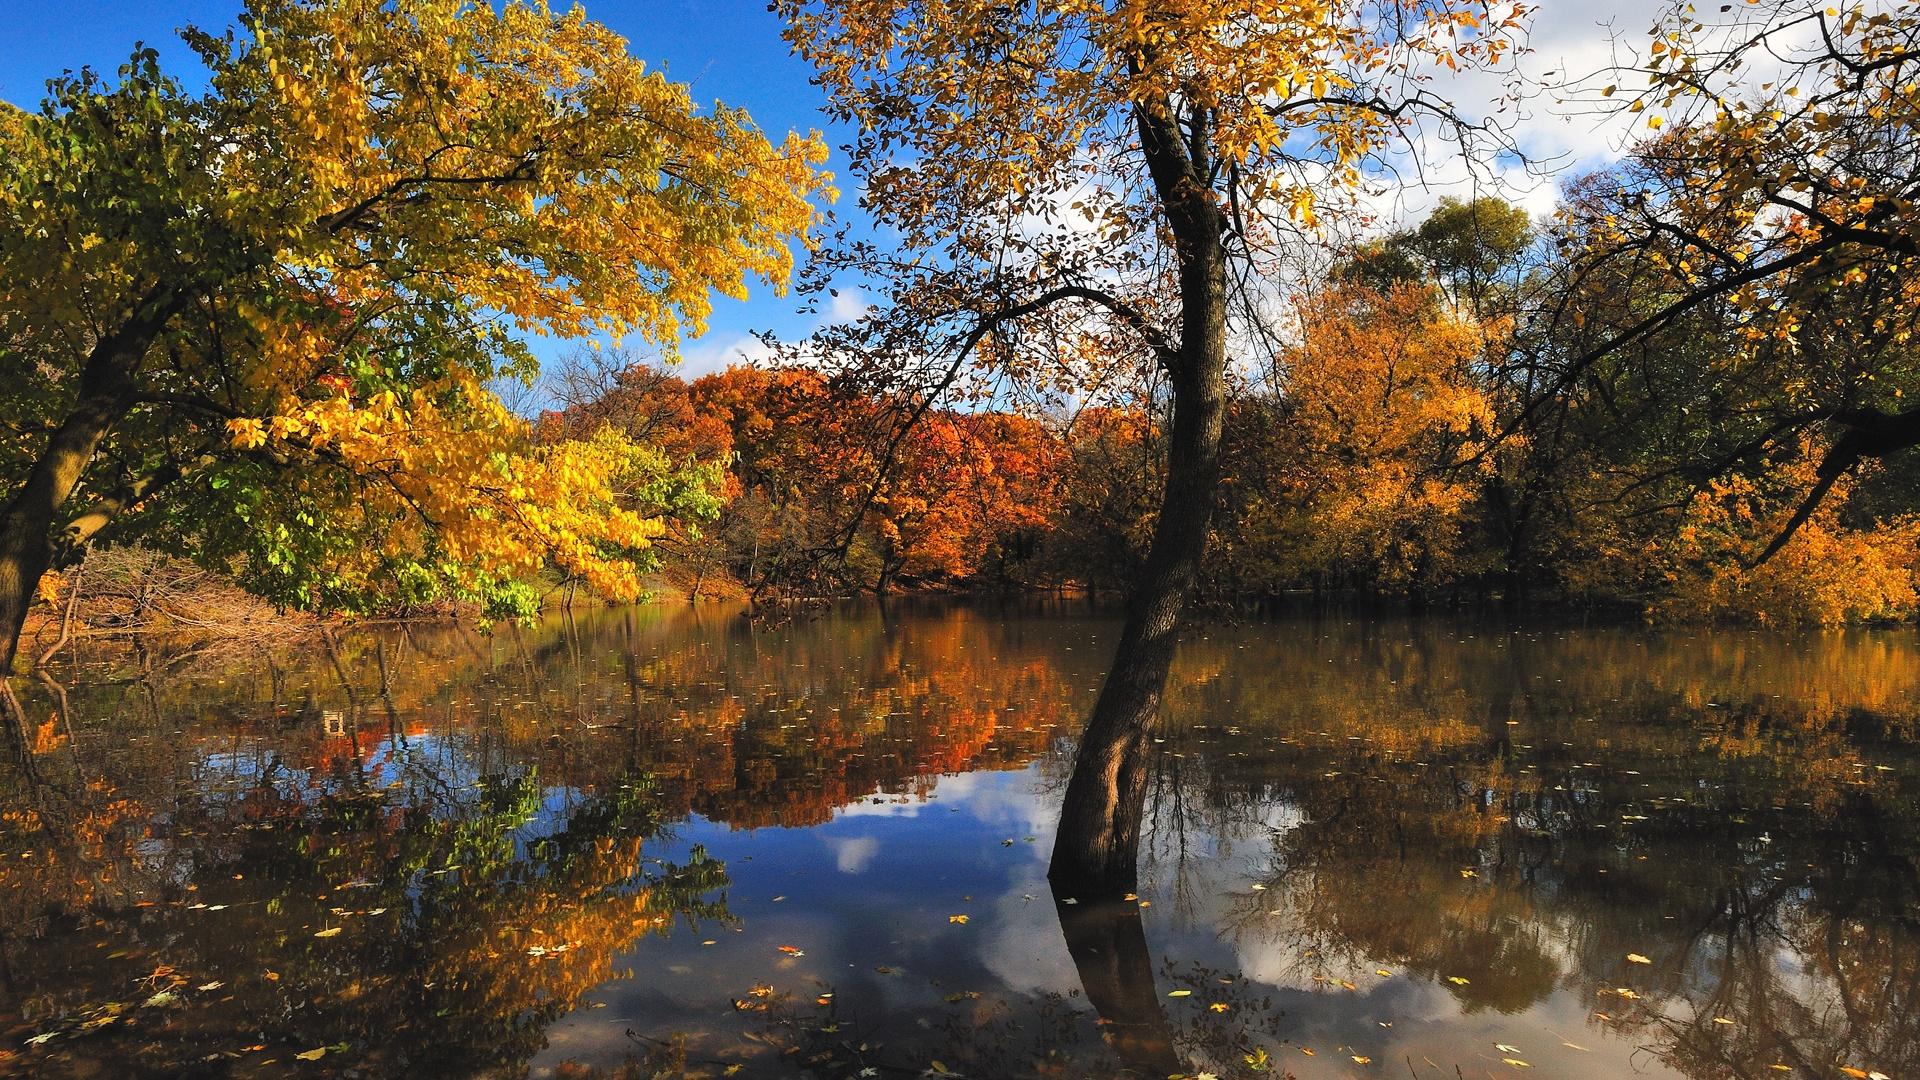 fonds d 39 cran t l charger 1920x1080 nature automne arbres lac full hd fond hd. Black Bedroom Furniture Sets. Home Design Ideas